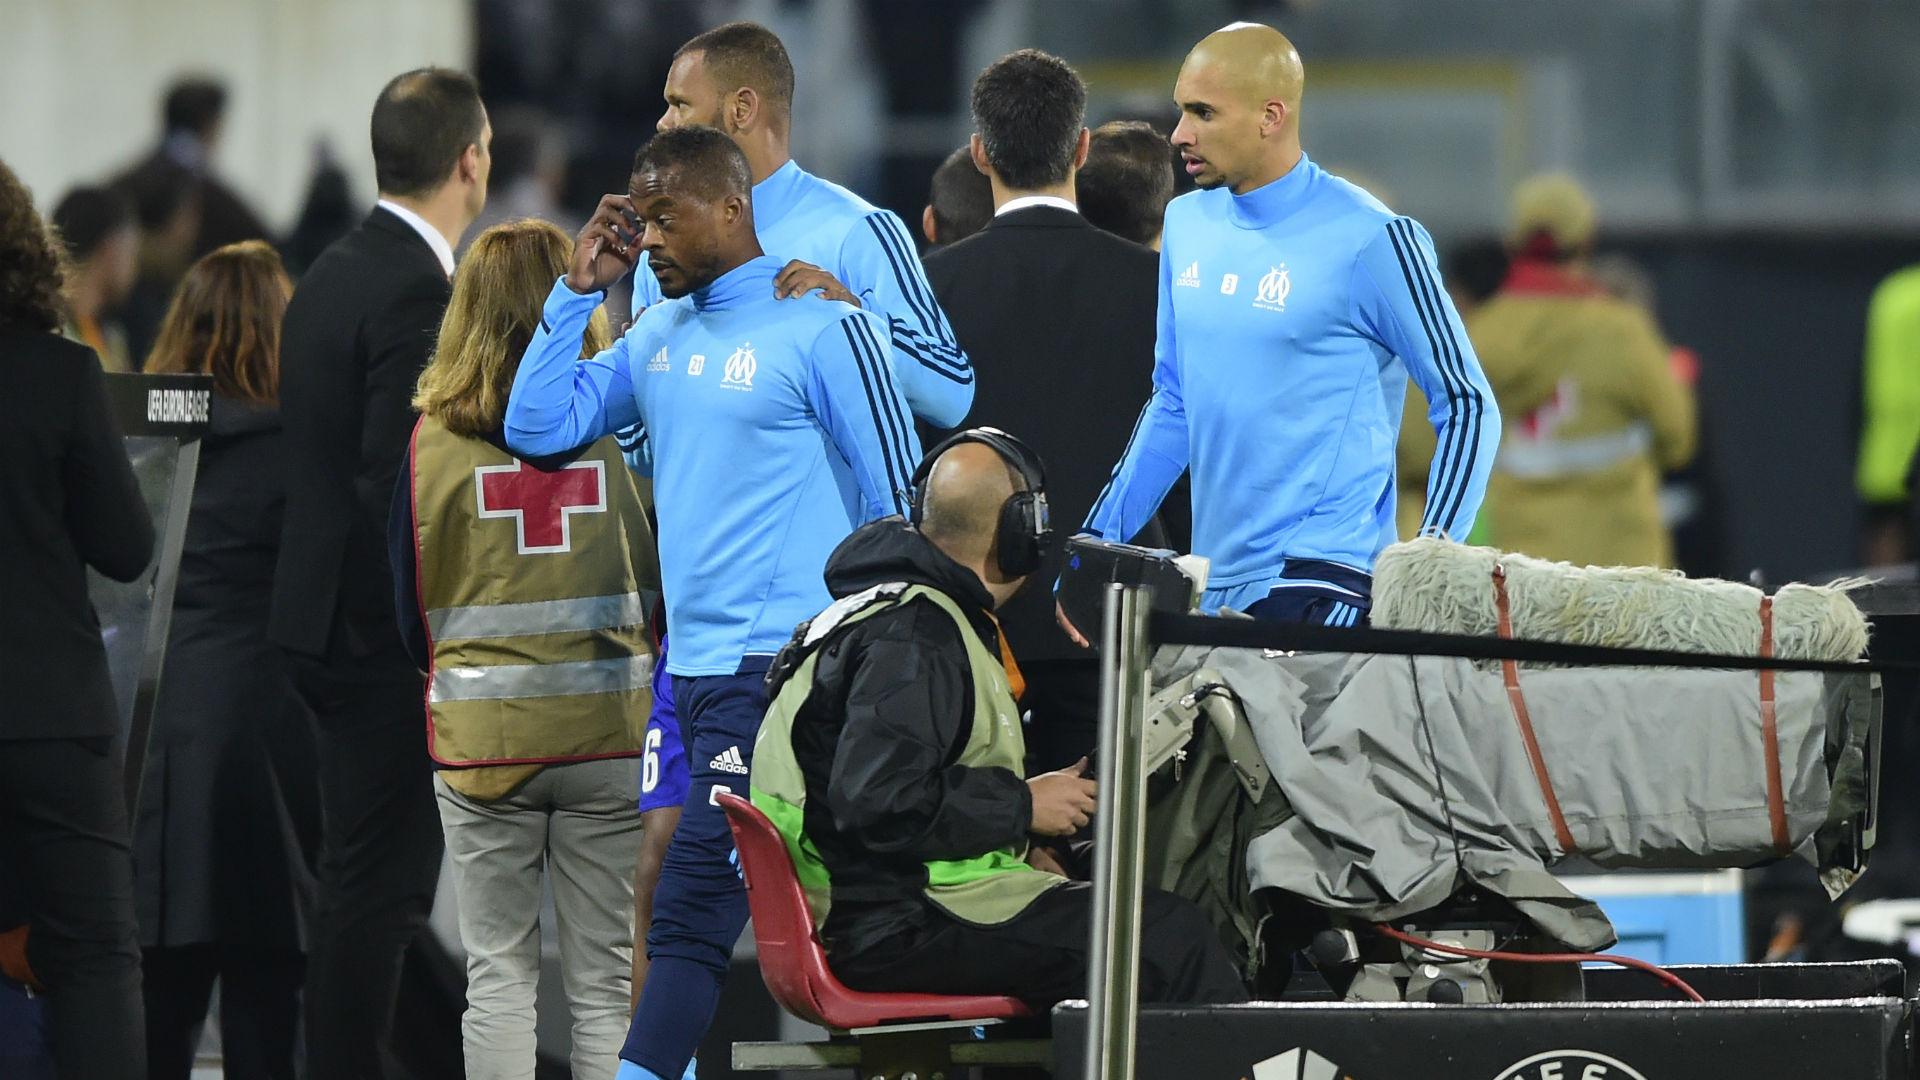 Evra tritt Marseille-Fan gegen den Kopf